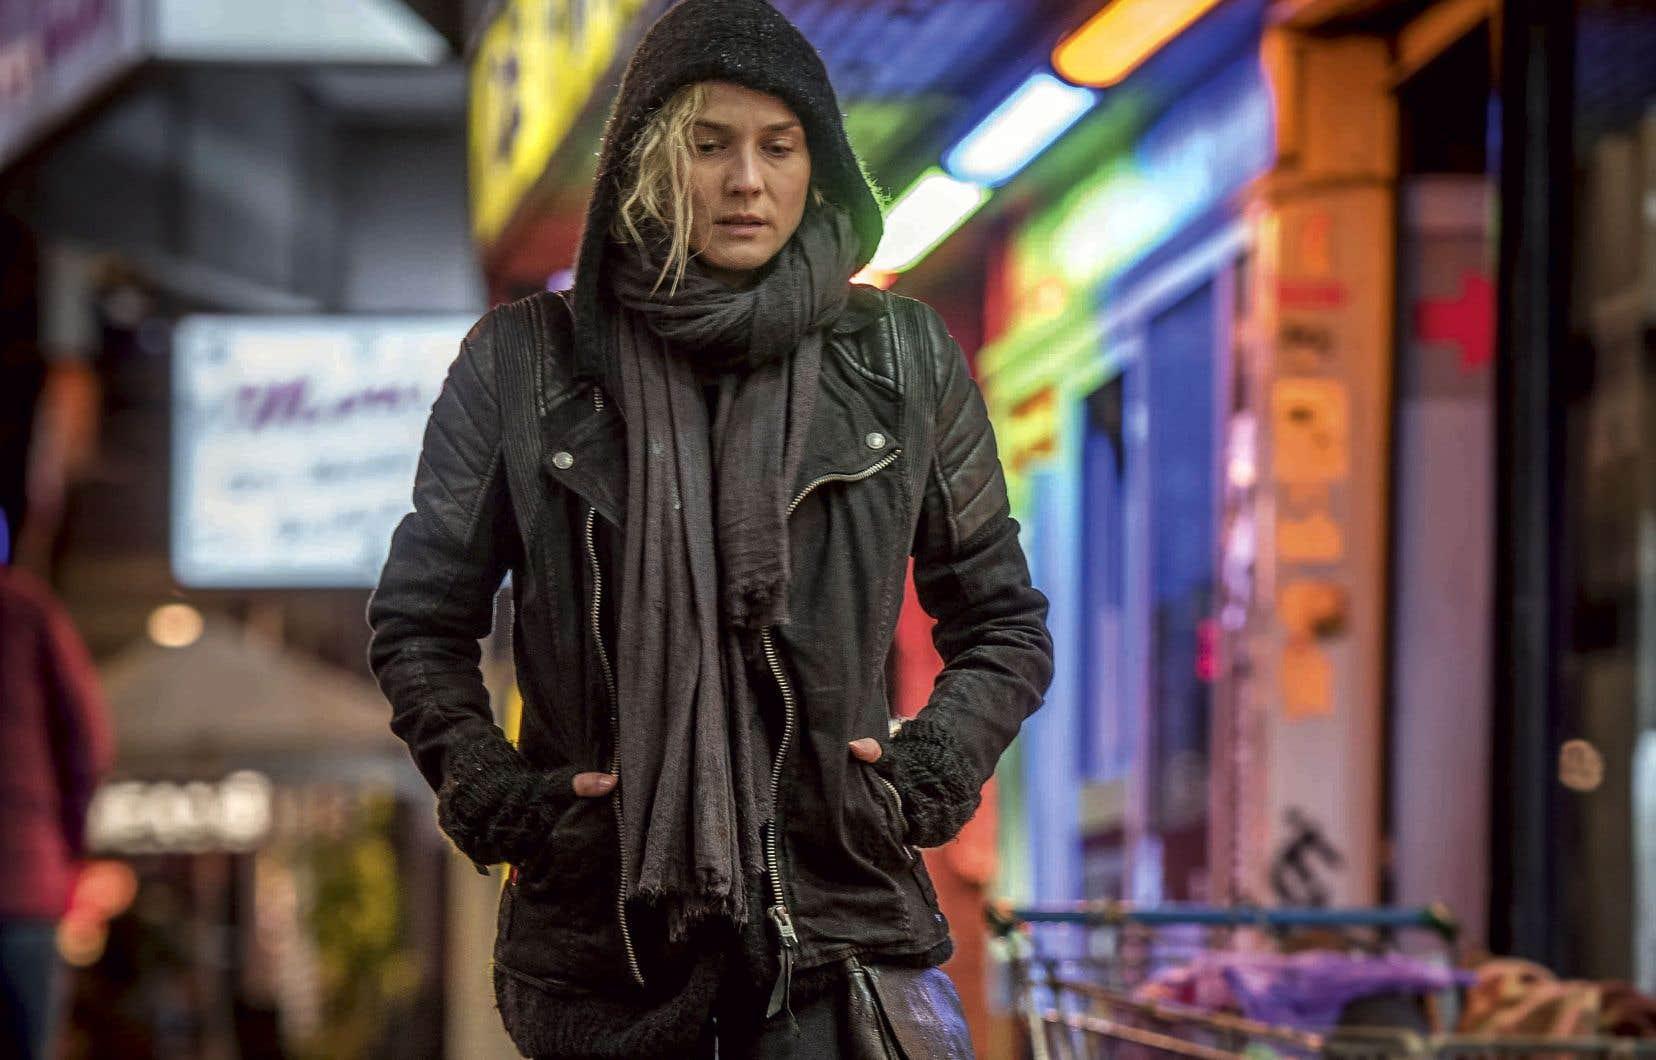 «Hors de nulle part» offre son meilleur rôle en carrière à l'actrice Diane Kruger, lauréate du Prix d'interprétation féminine à Cannes.